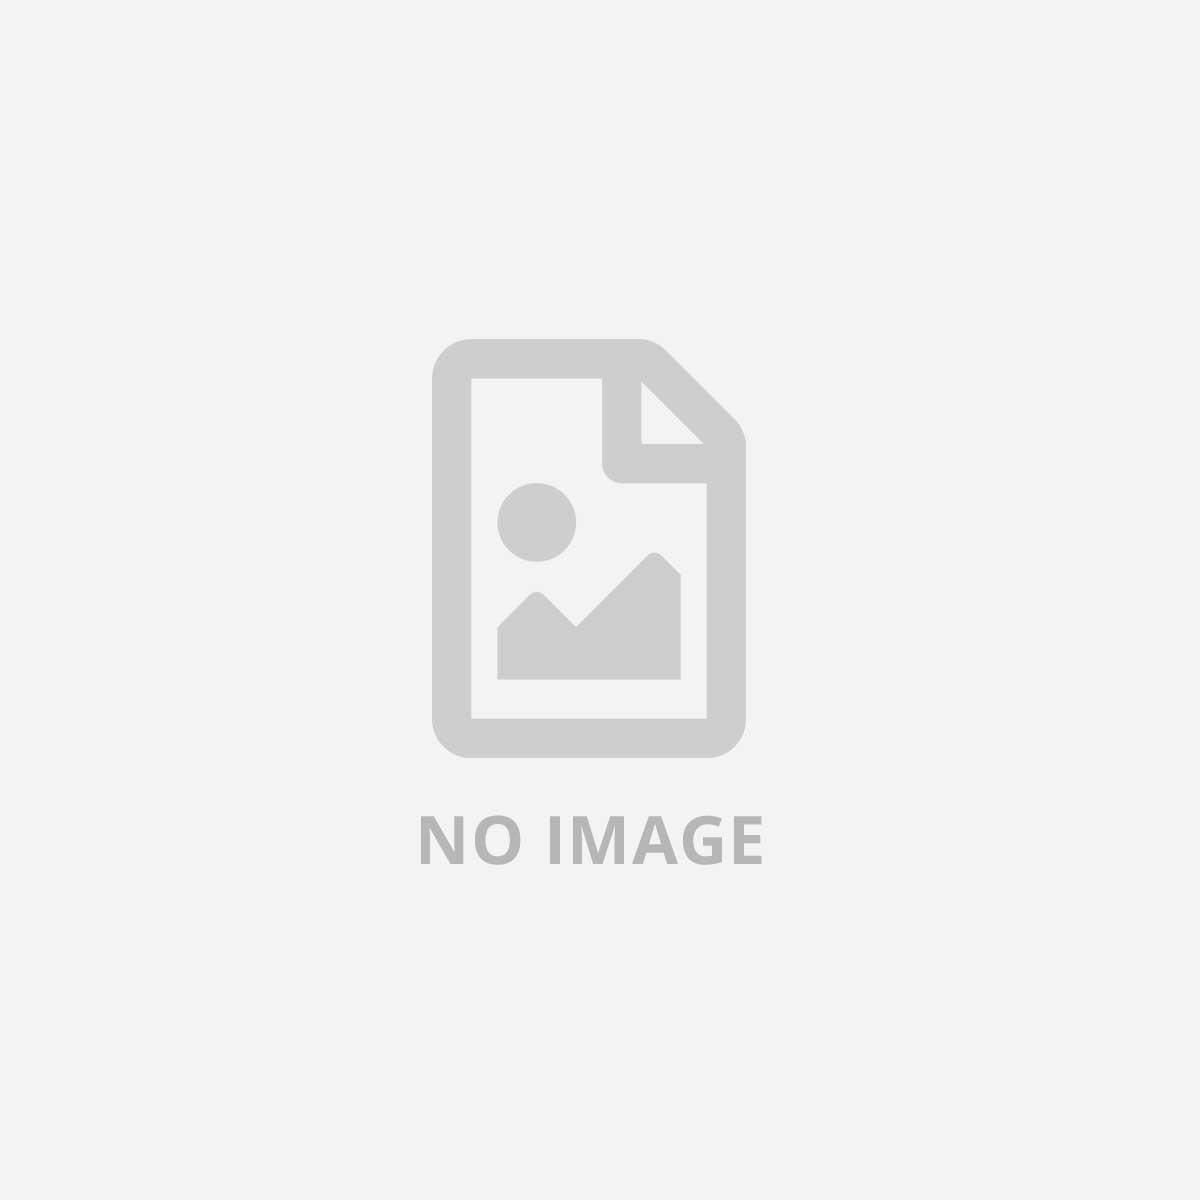 OLIVETTI SLIMCART CORR.BL. OLI